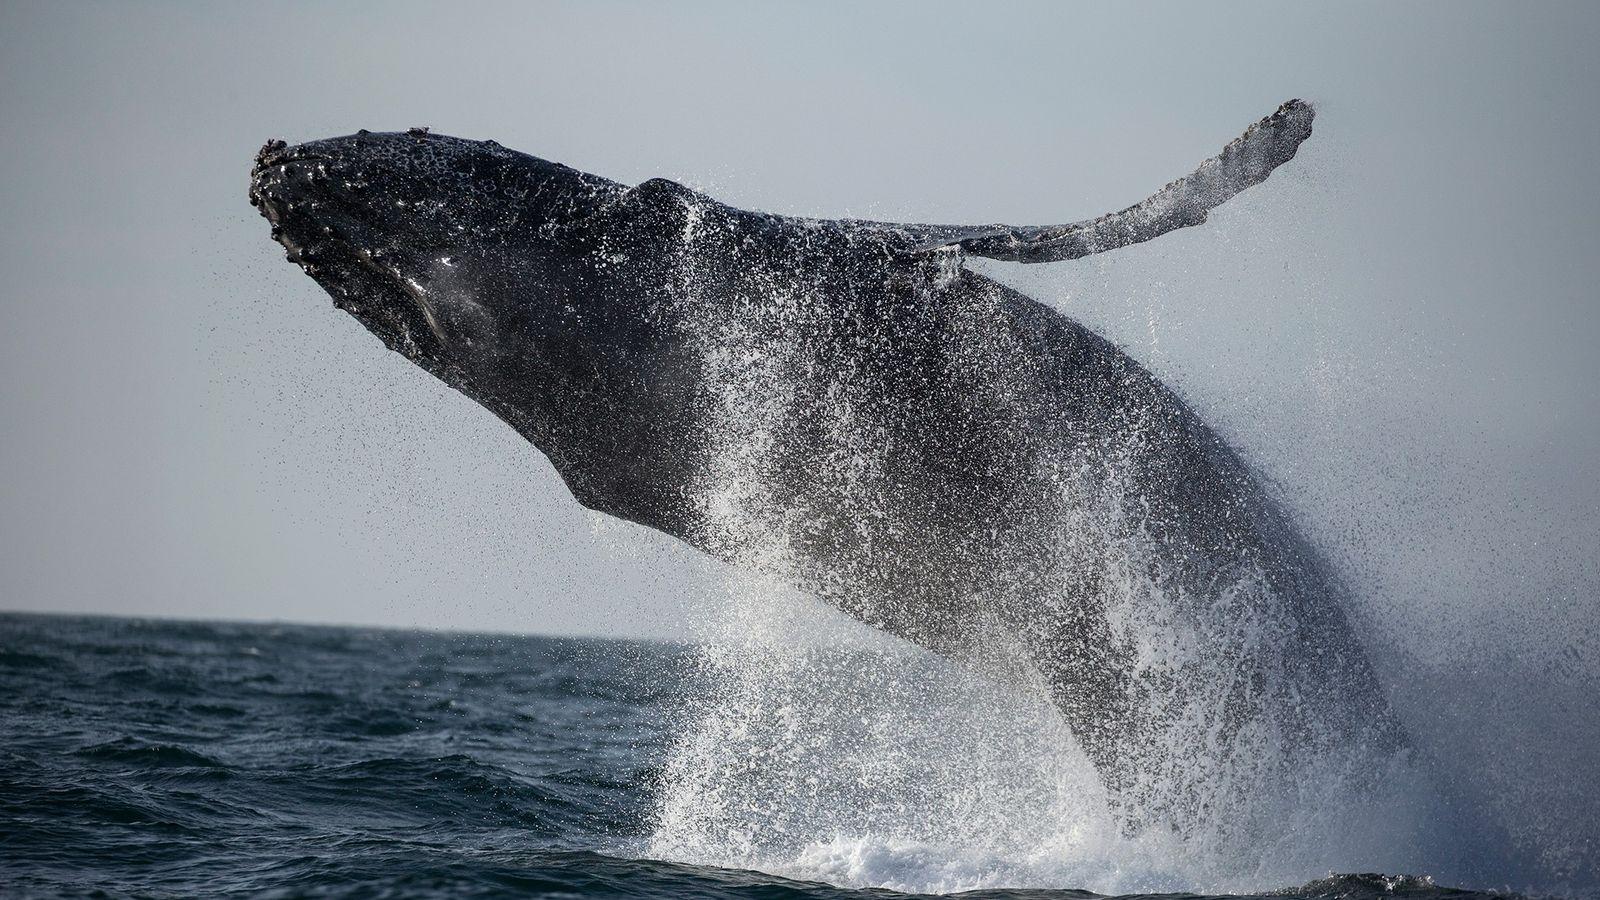 Uma baleia-jubarte emerge nas águas quentes ao largo de Monterey Bay, na Califórnia.